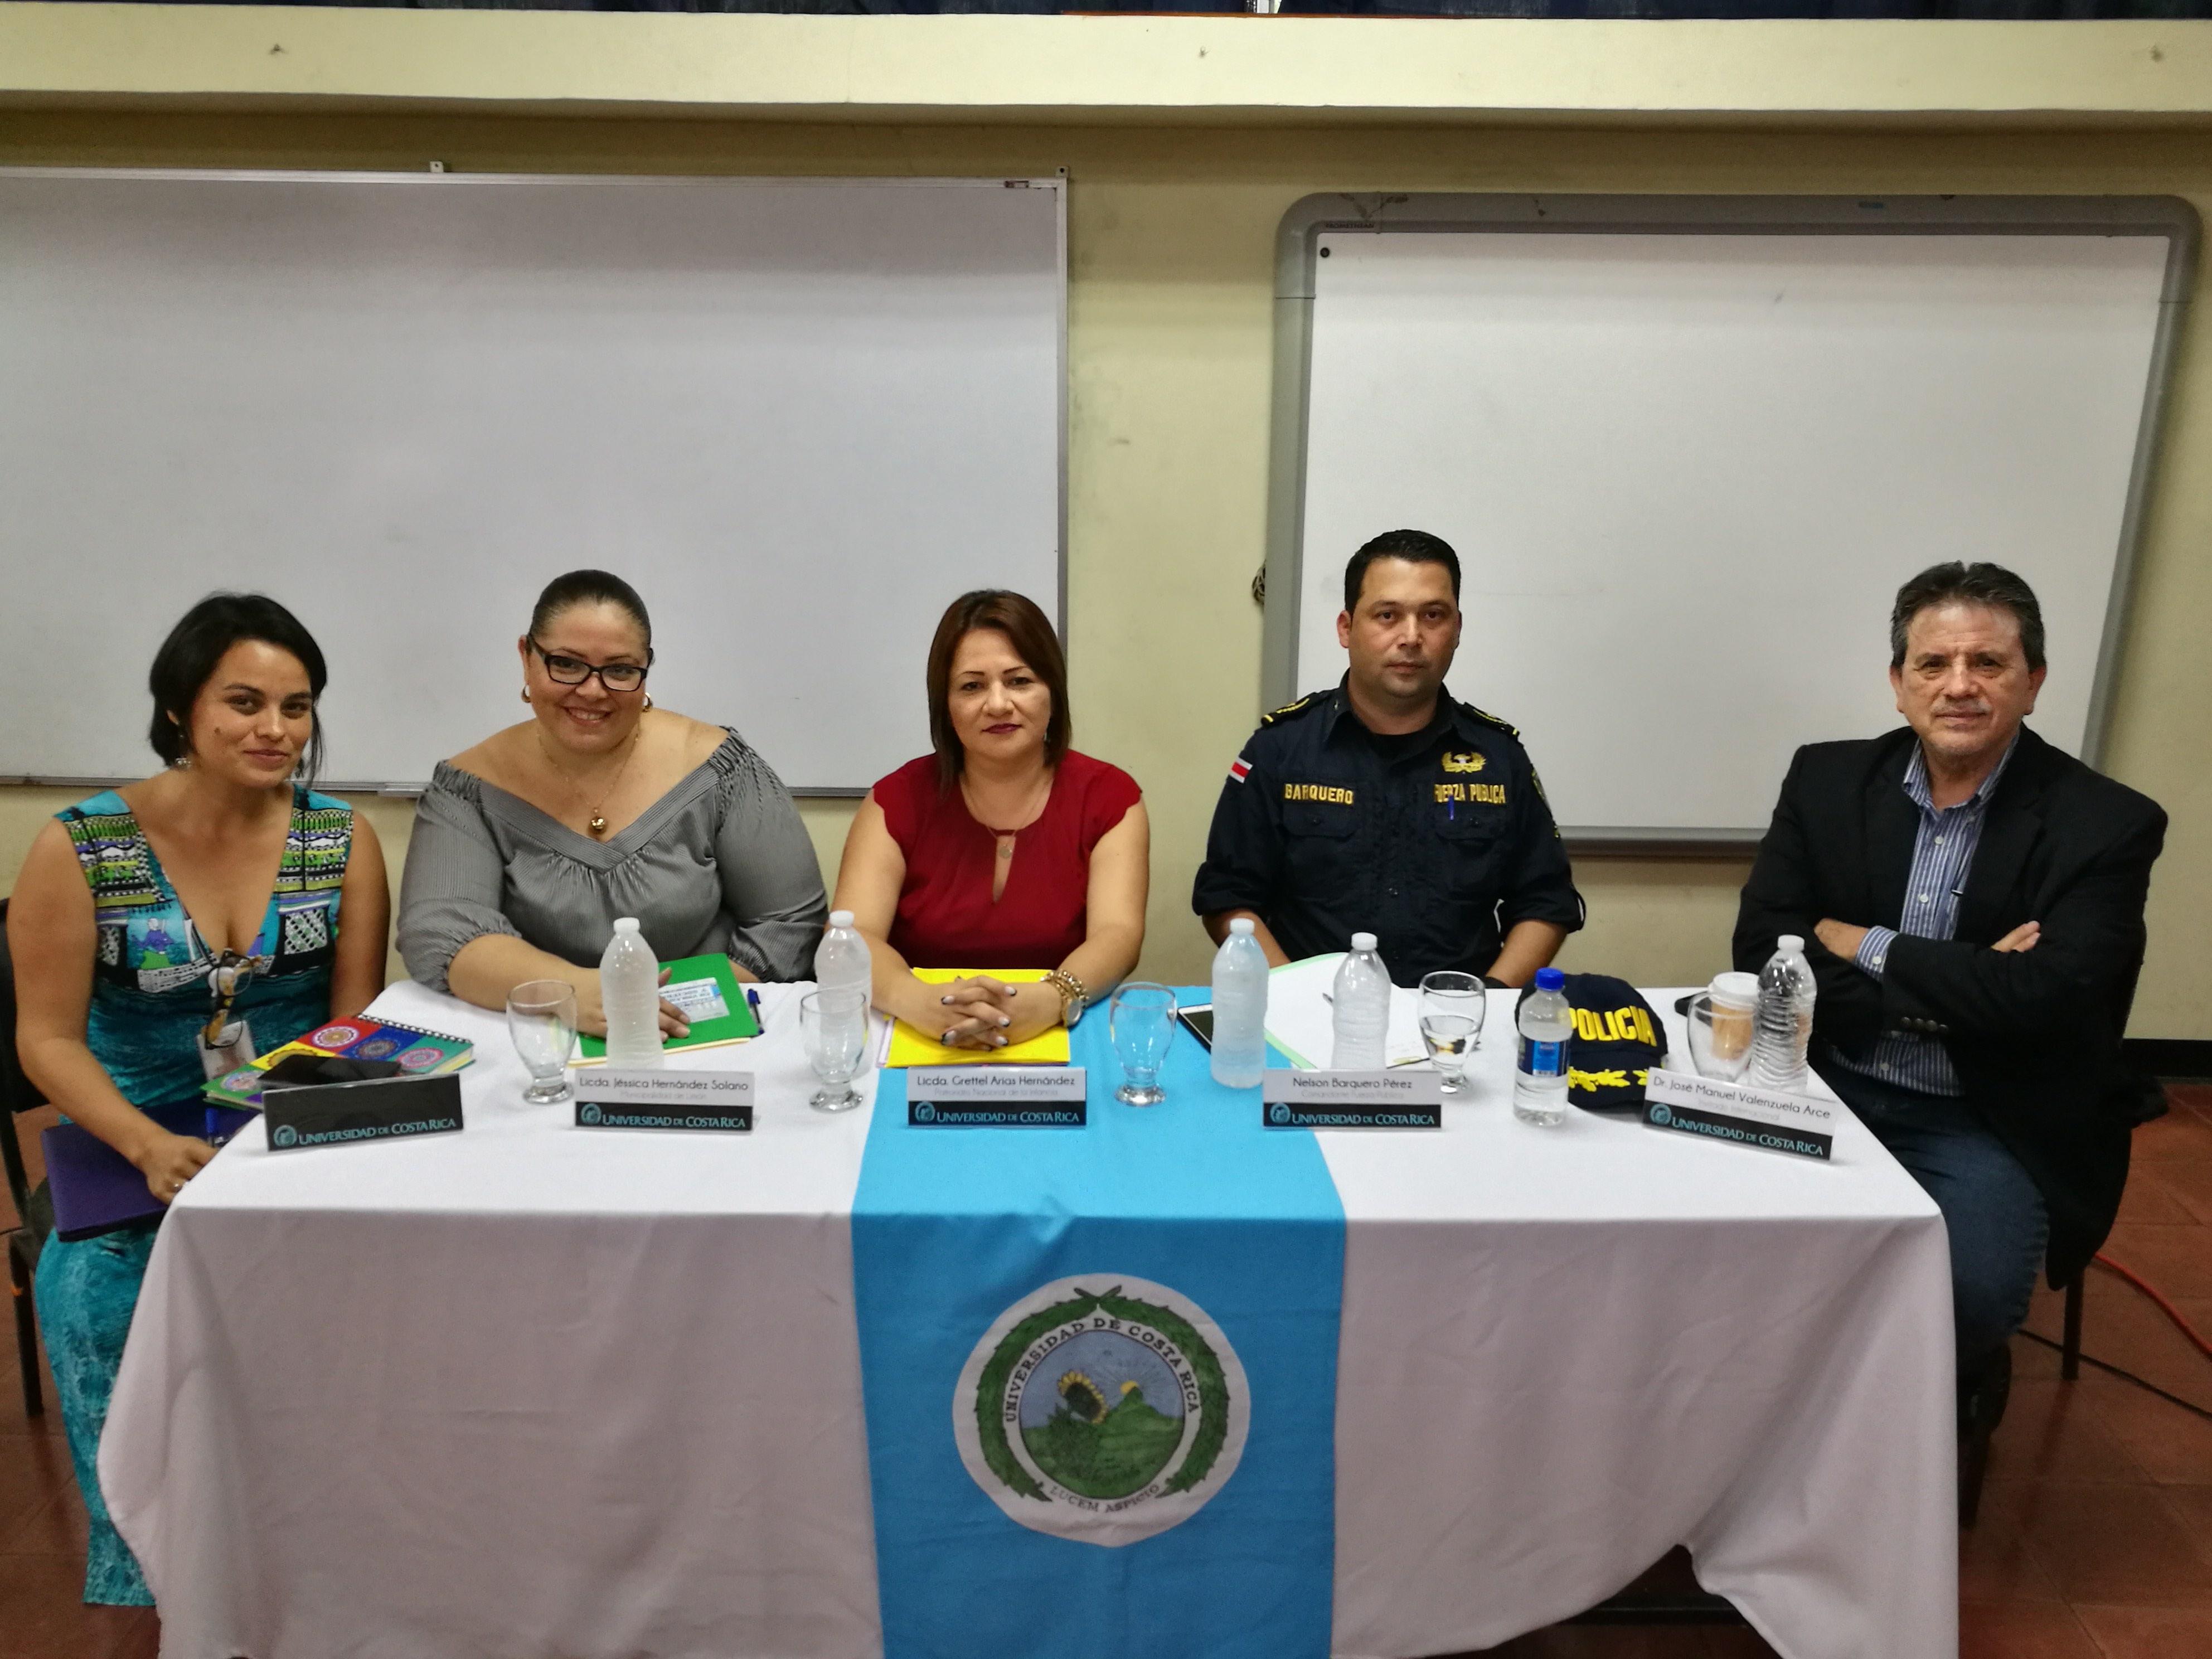 Representantes comunitarios participaron en la Sede Caribe en una mesa redonda sobre el tema de violencia y sociedad.